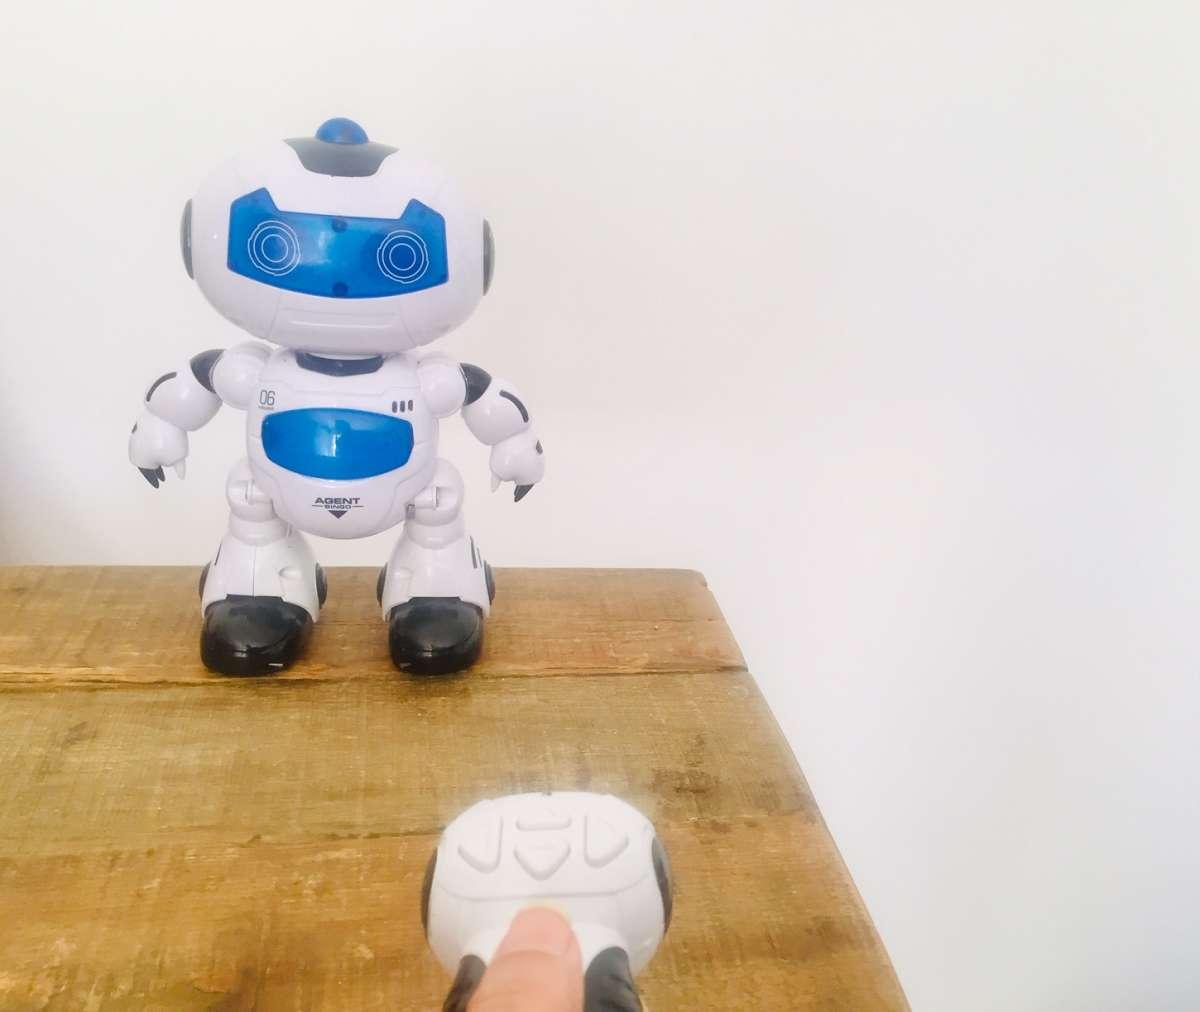 טכנולוגיה, AI אינטלגנציה מלאכותית